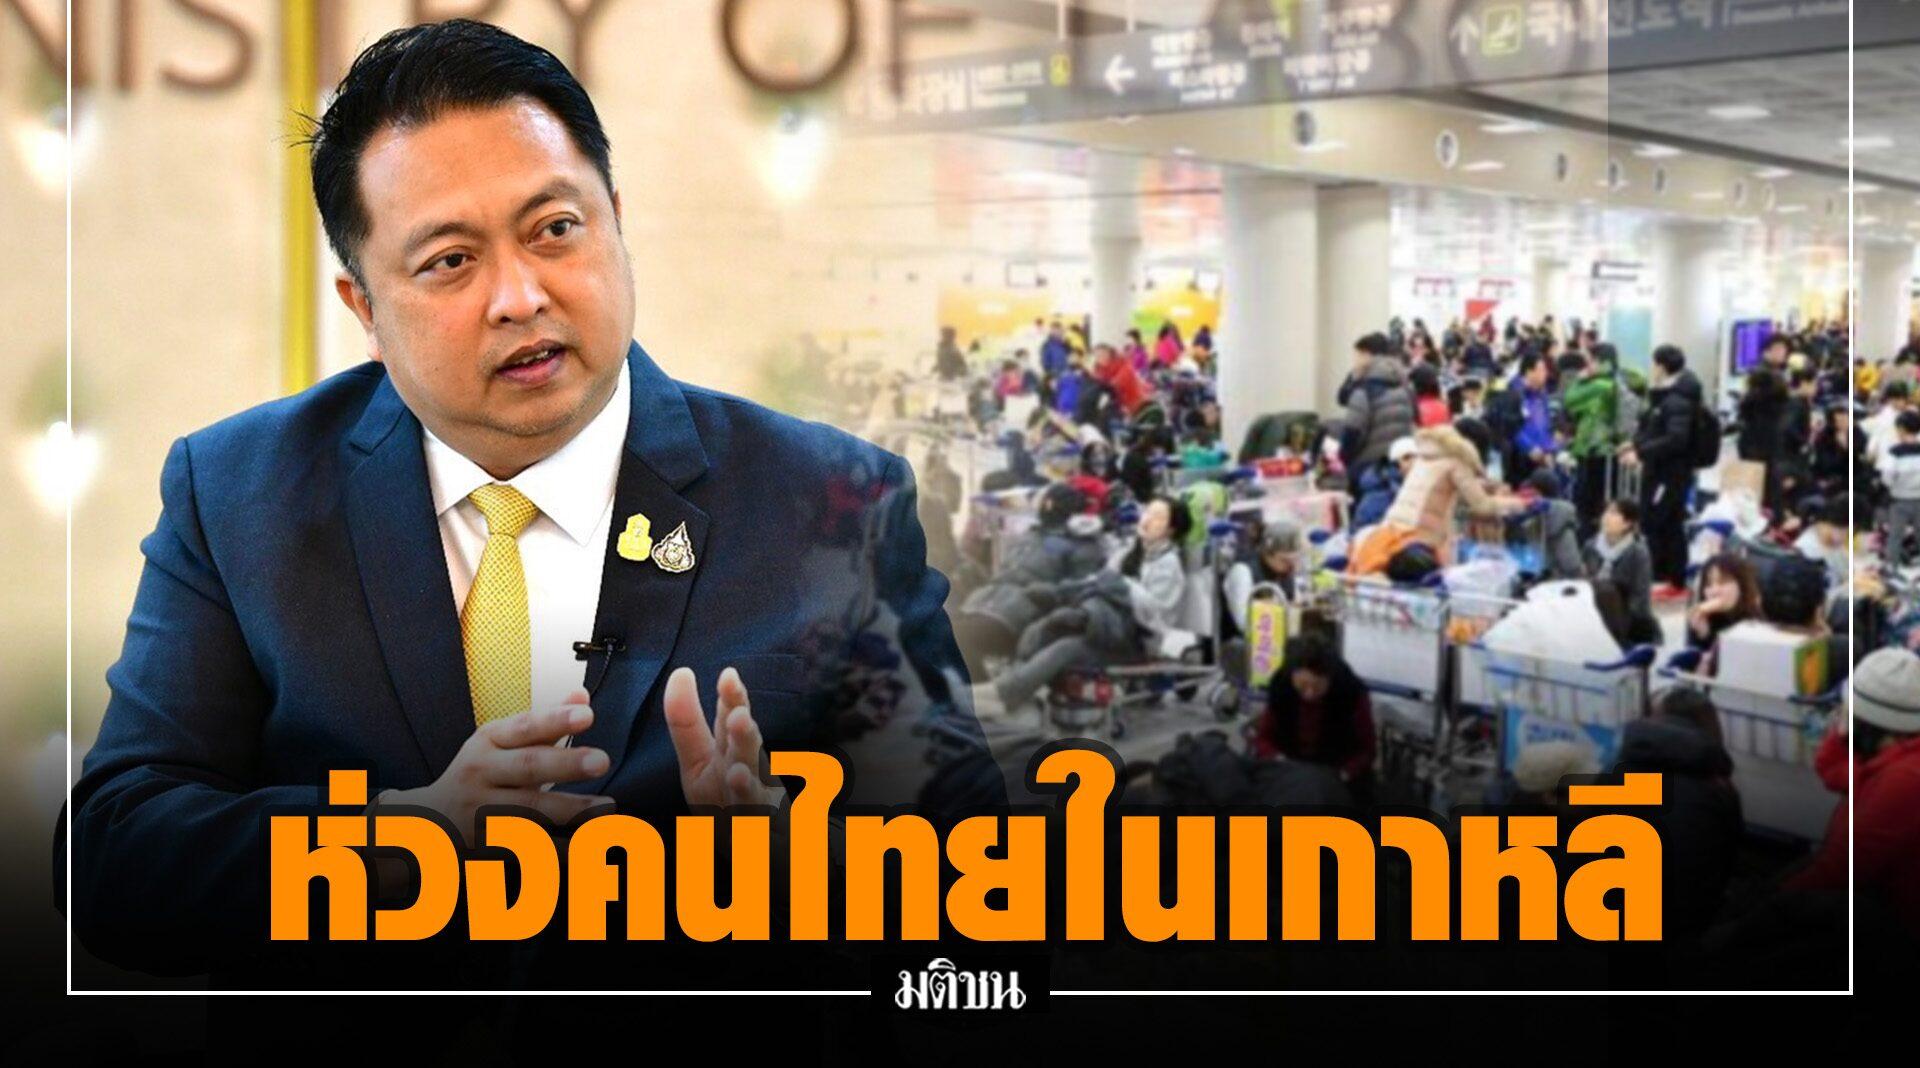 แรงงาน ห่วงคนไทยในเกาหลีติดโควิด กำชับทูตแรงงานประสานความช่วยเหลือ